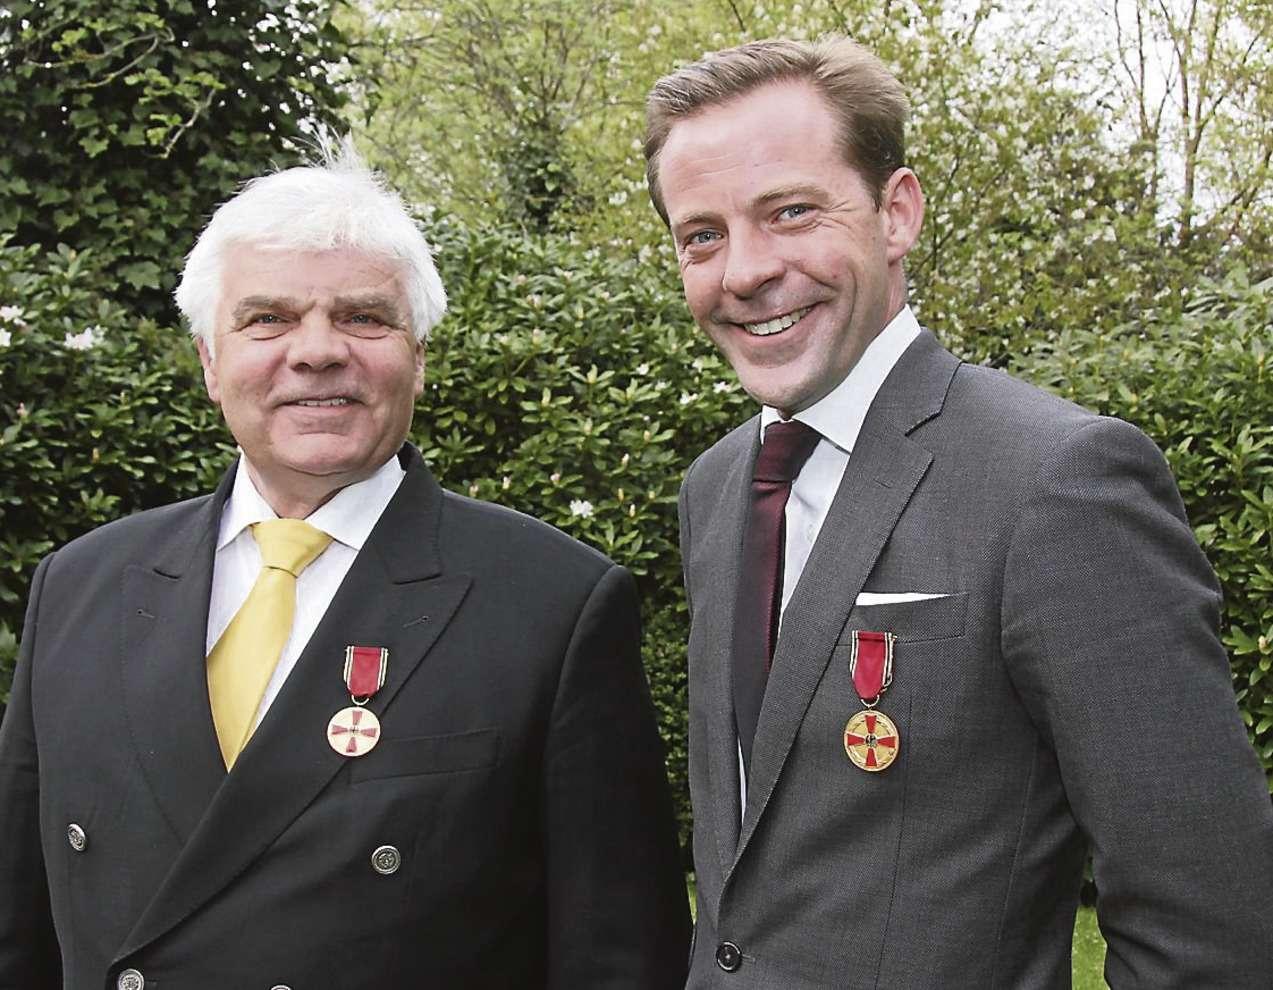 Für ihr Engagement in Kenia erhielten Peter (links) und Oliver Drewes den Verdienstorden der Bundesrepublik Deutschland.